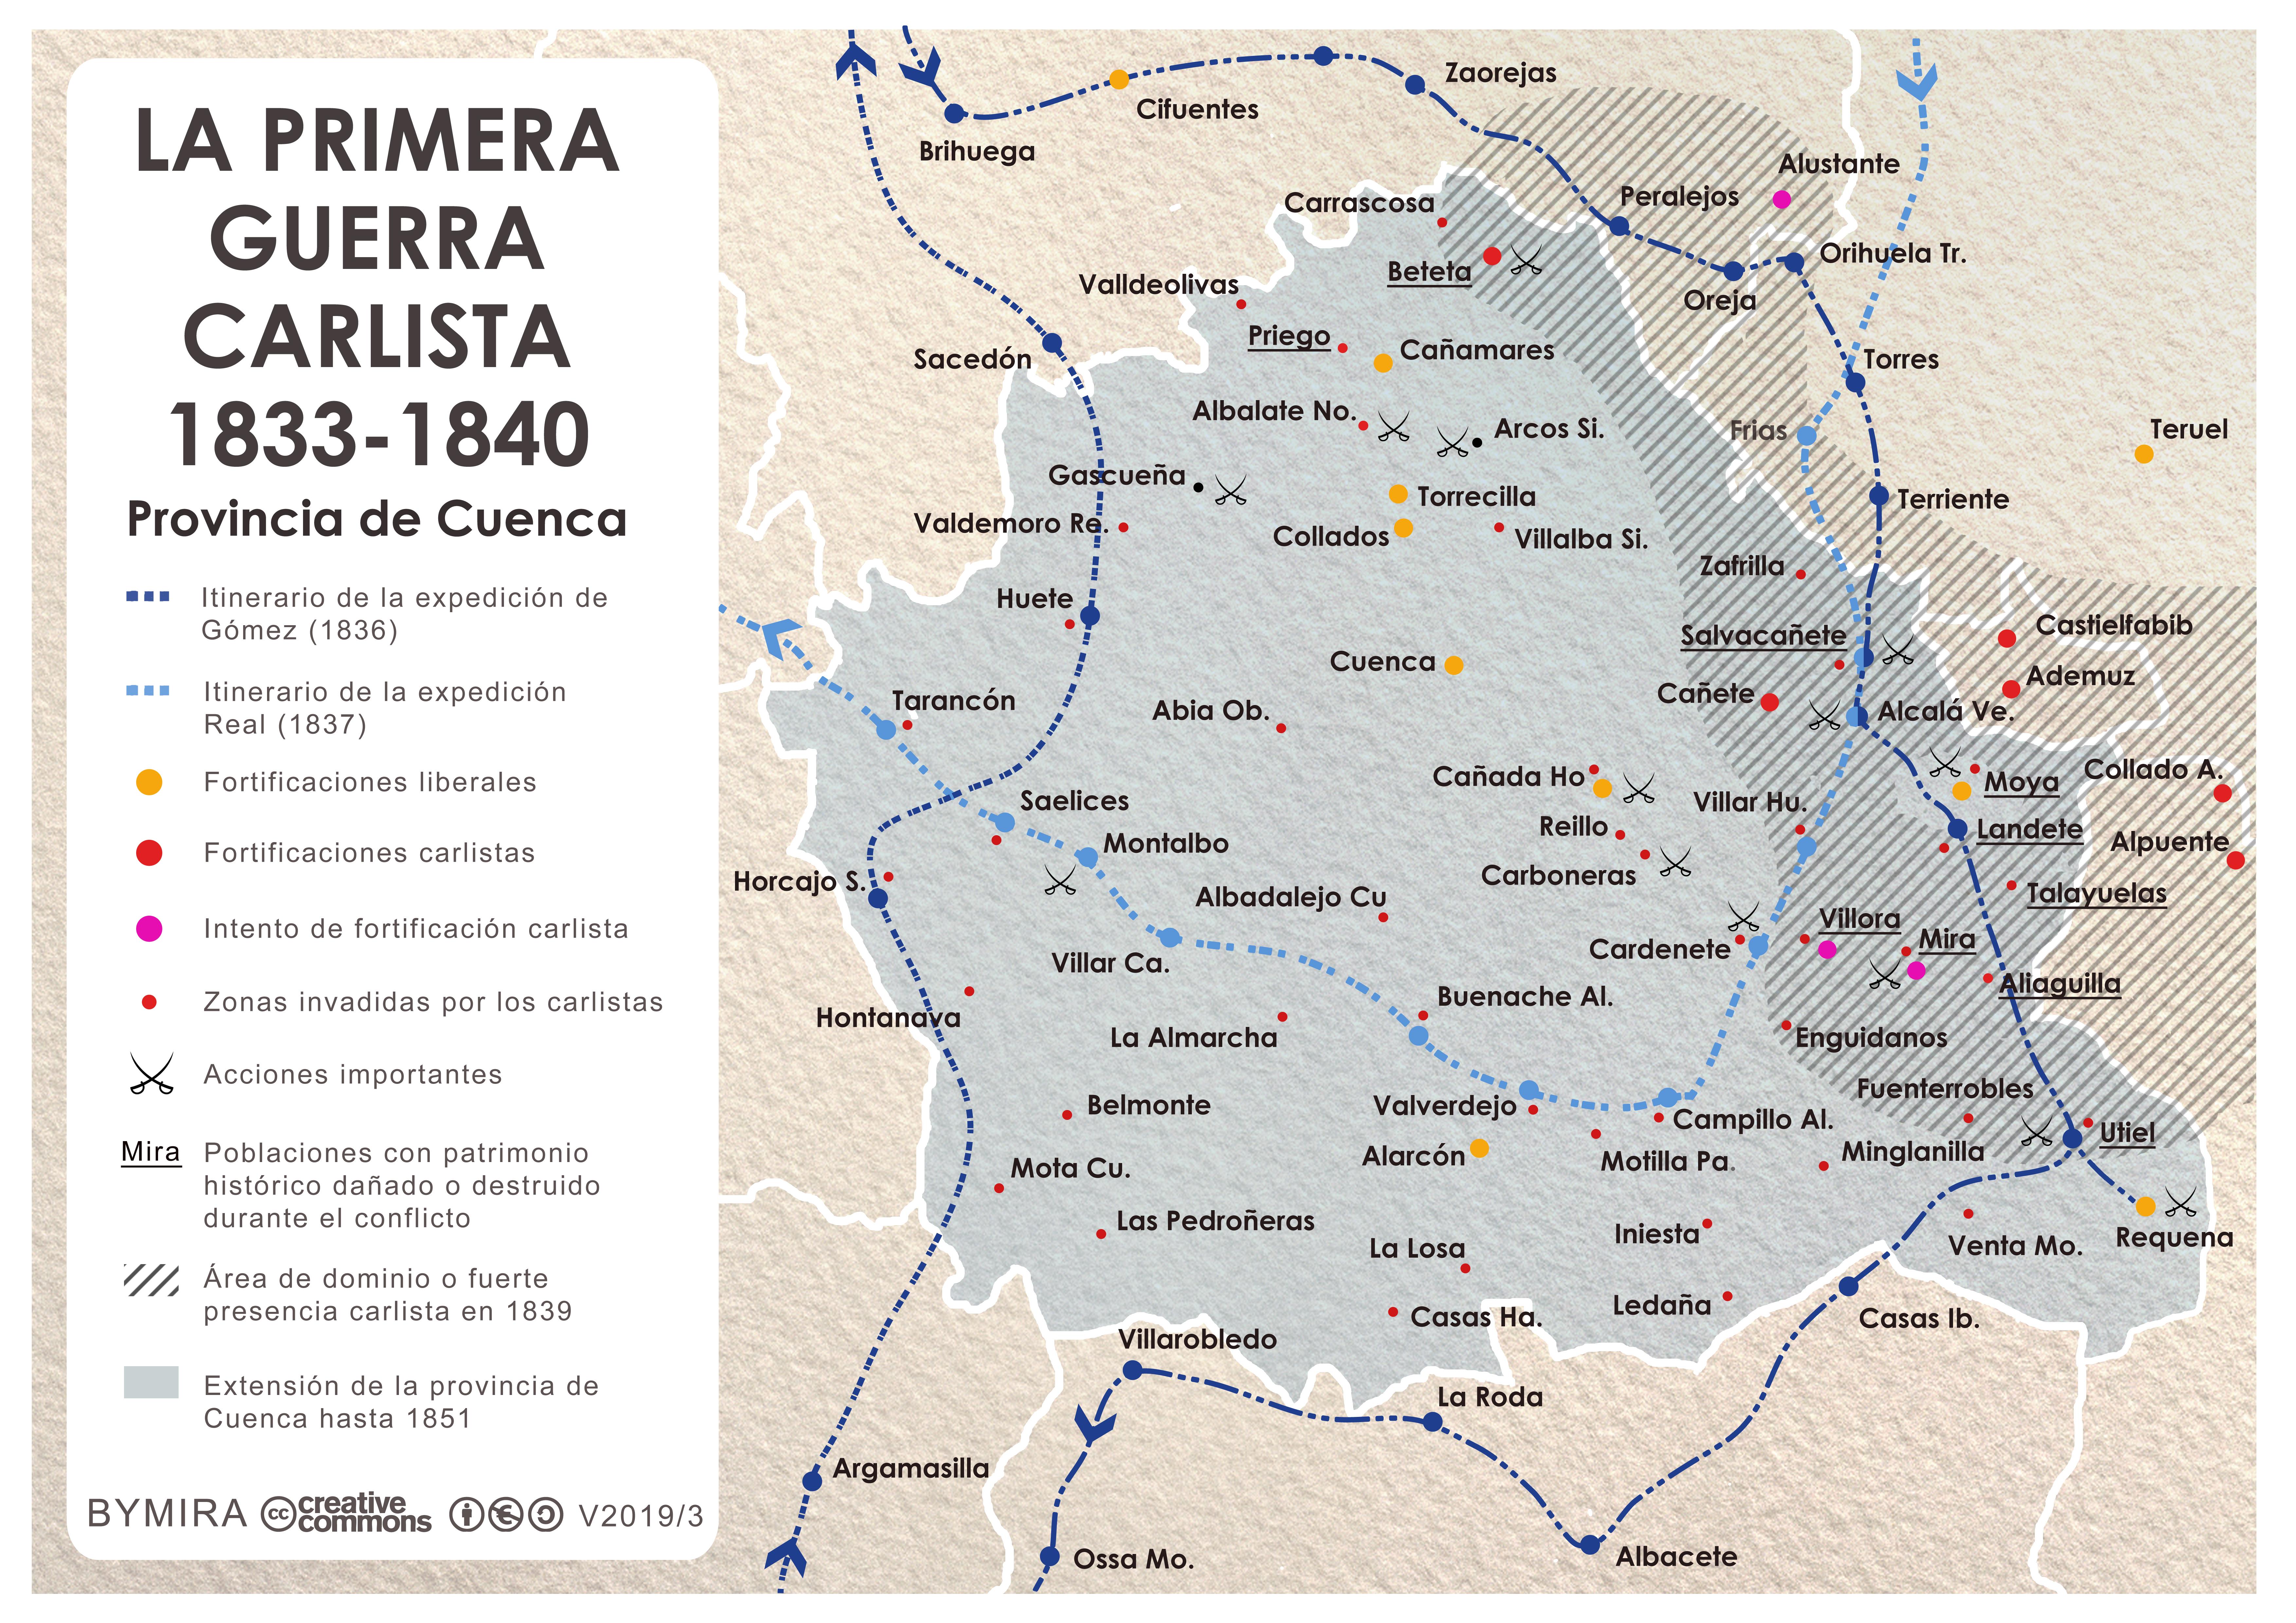 Mapa Provincia De Cuenca.Archivo Mapa Primera Guerra Carlista Provincia De Cuenca Jpg Wikipedia La Enciclopedia Libre